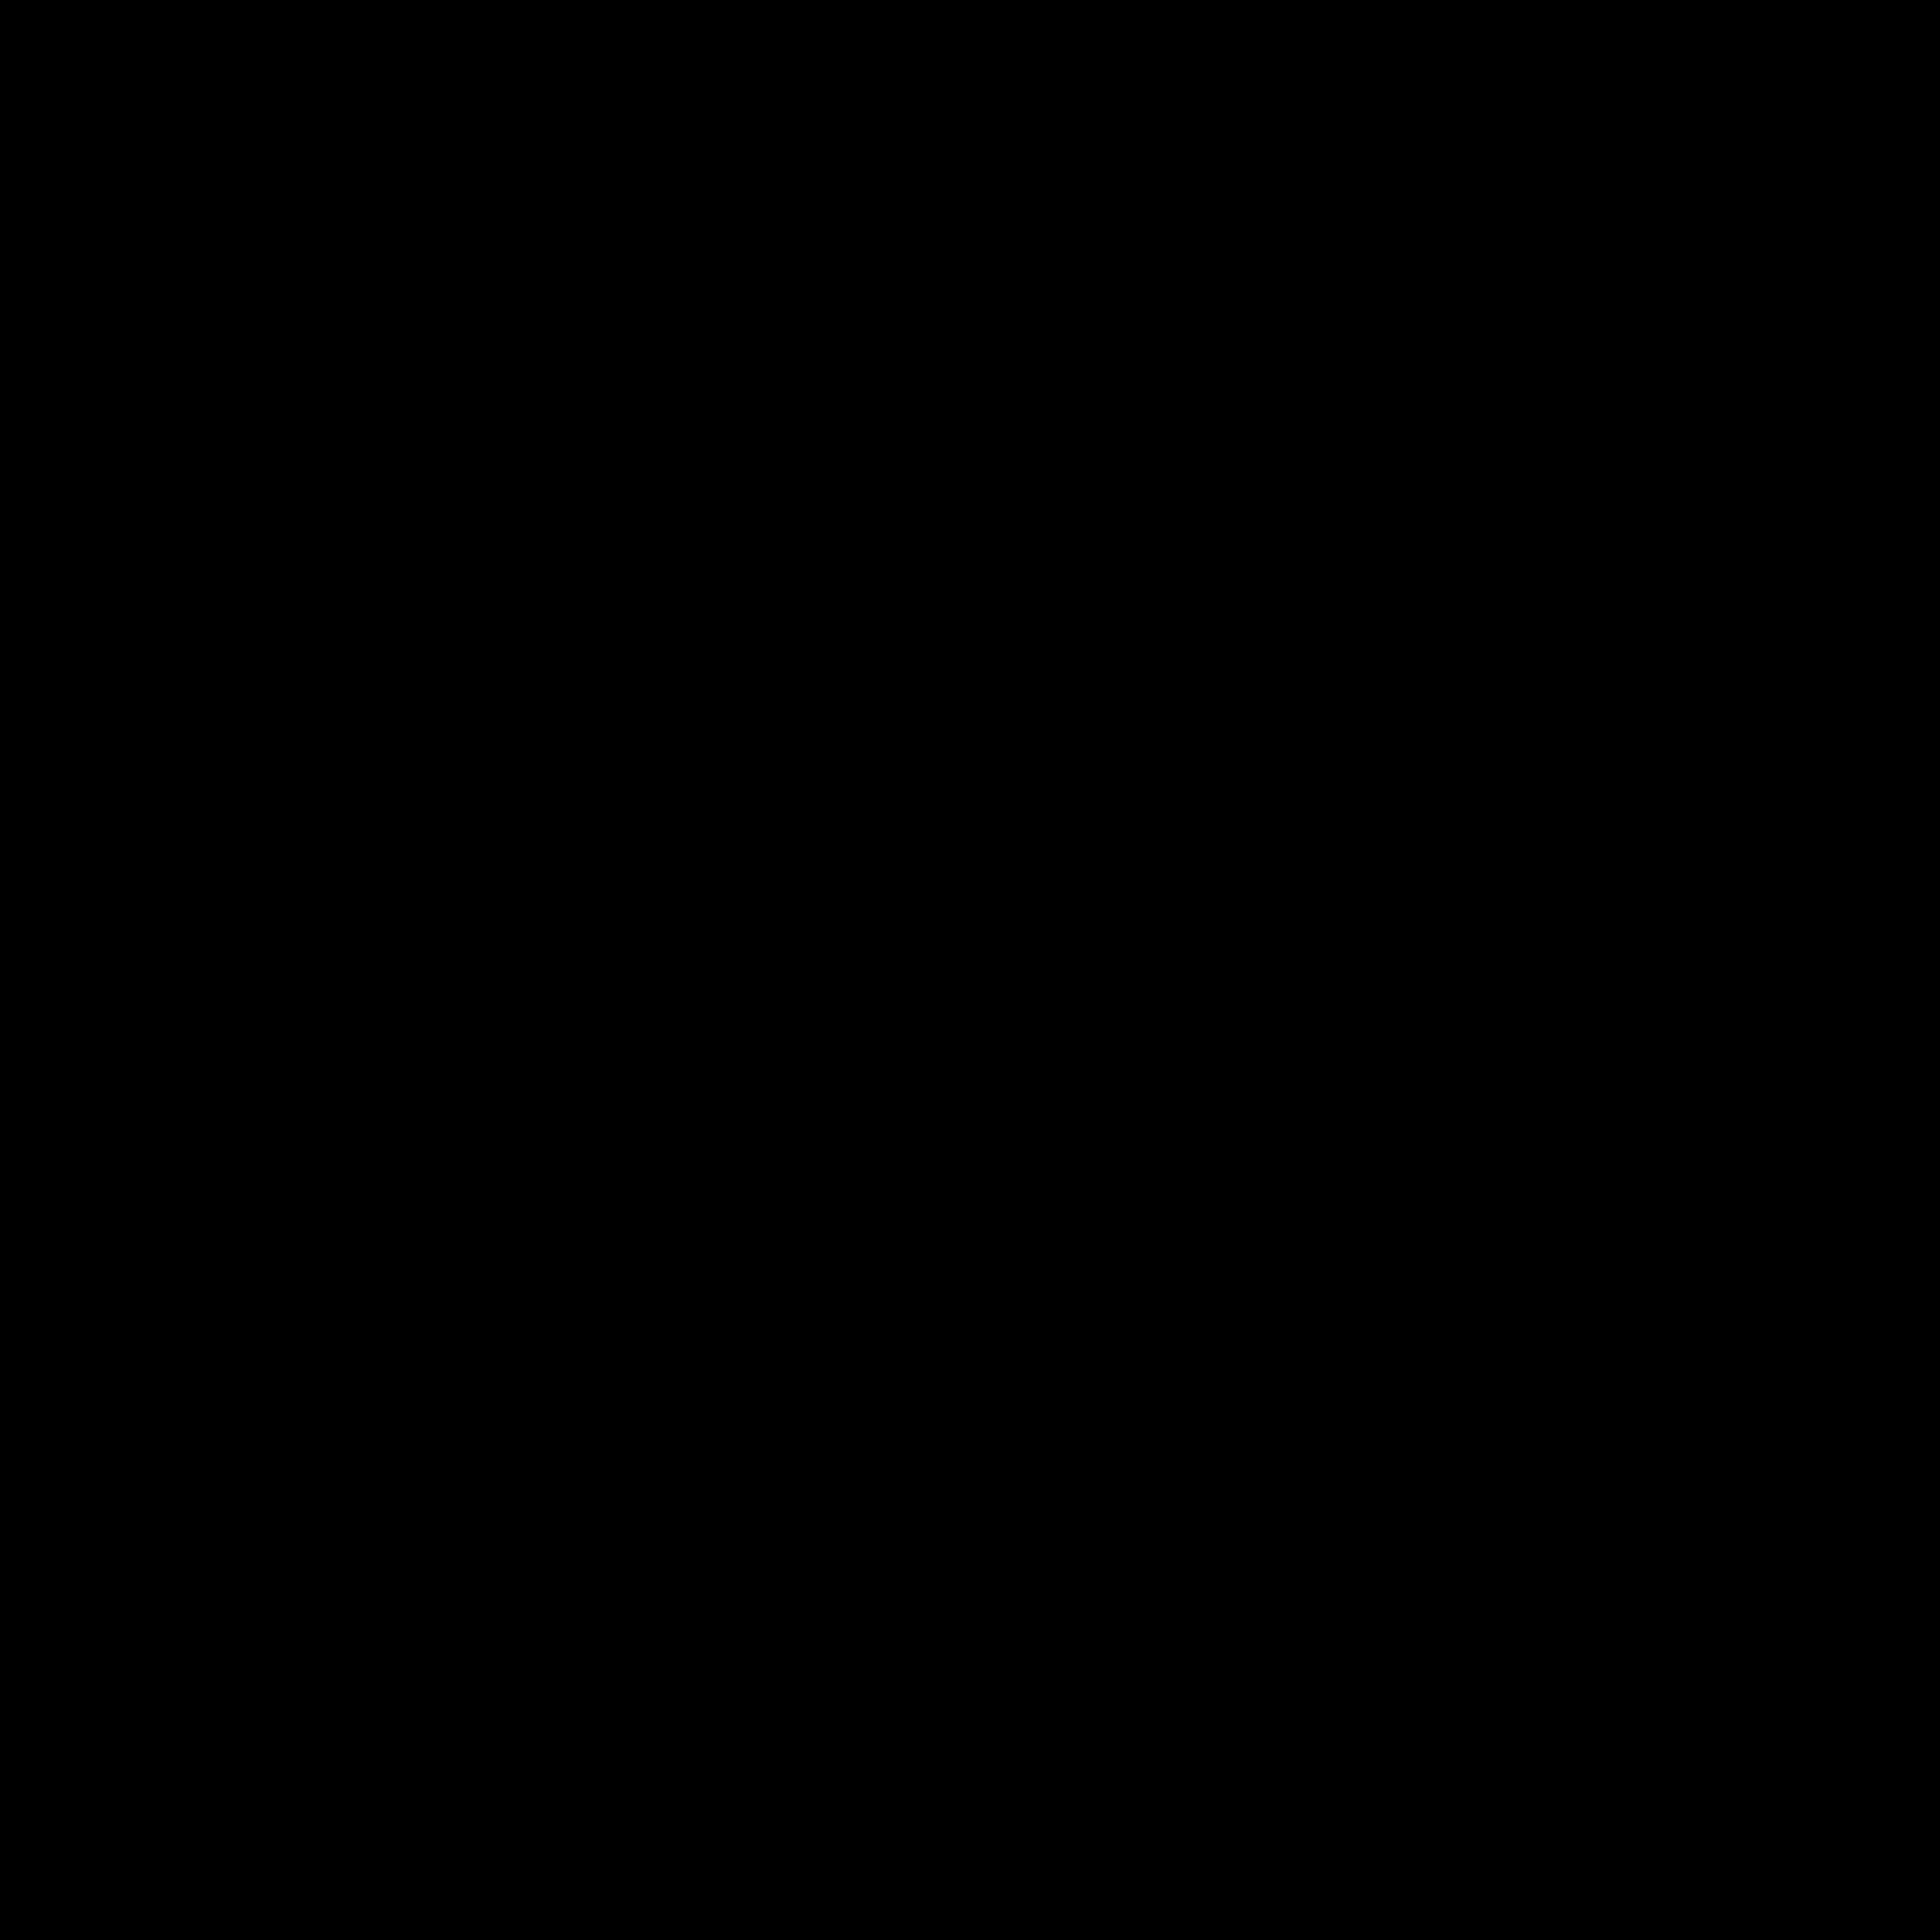 Daftar Film Hollywood yang Akan Tayang pada Tahun 2021